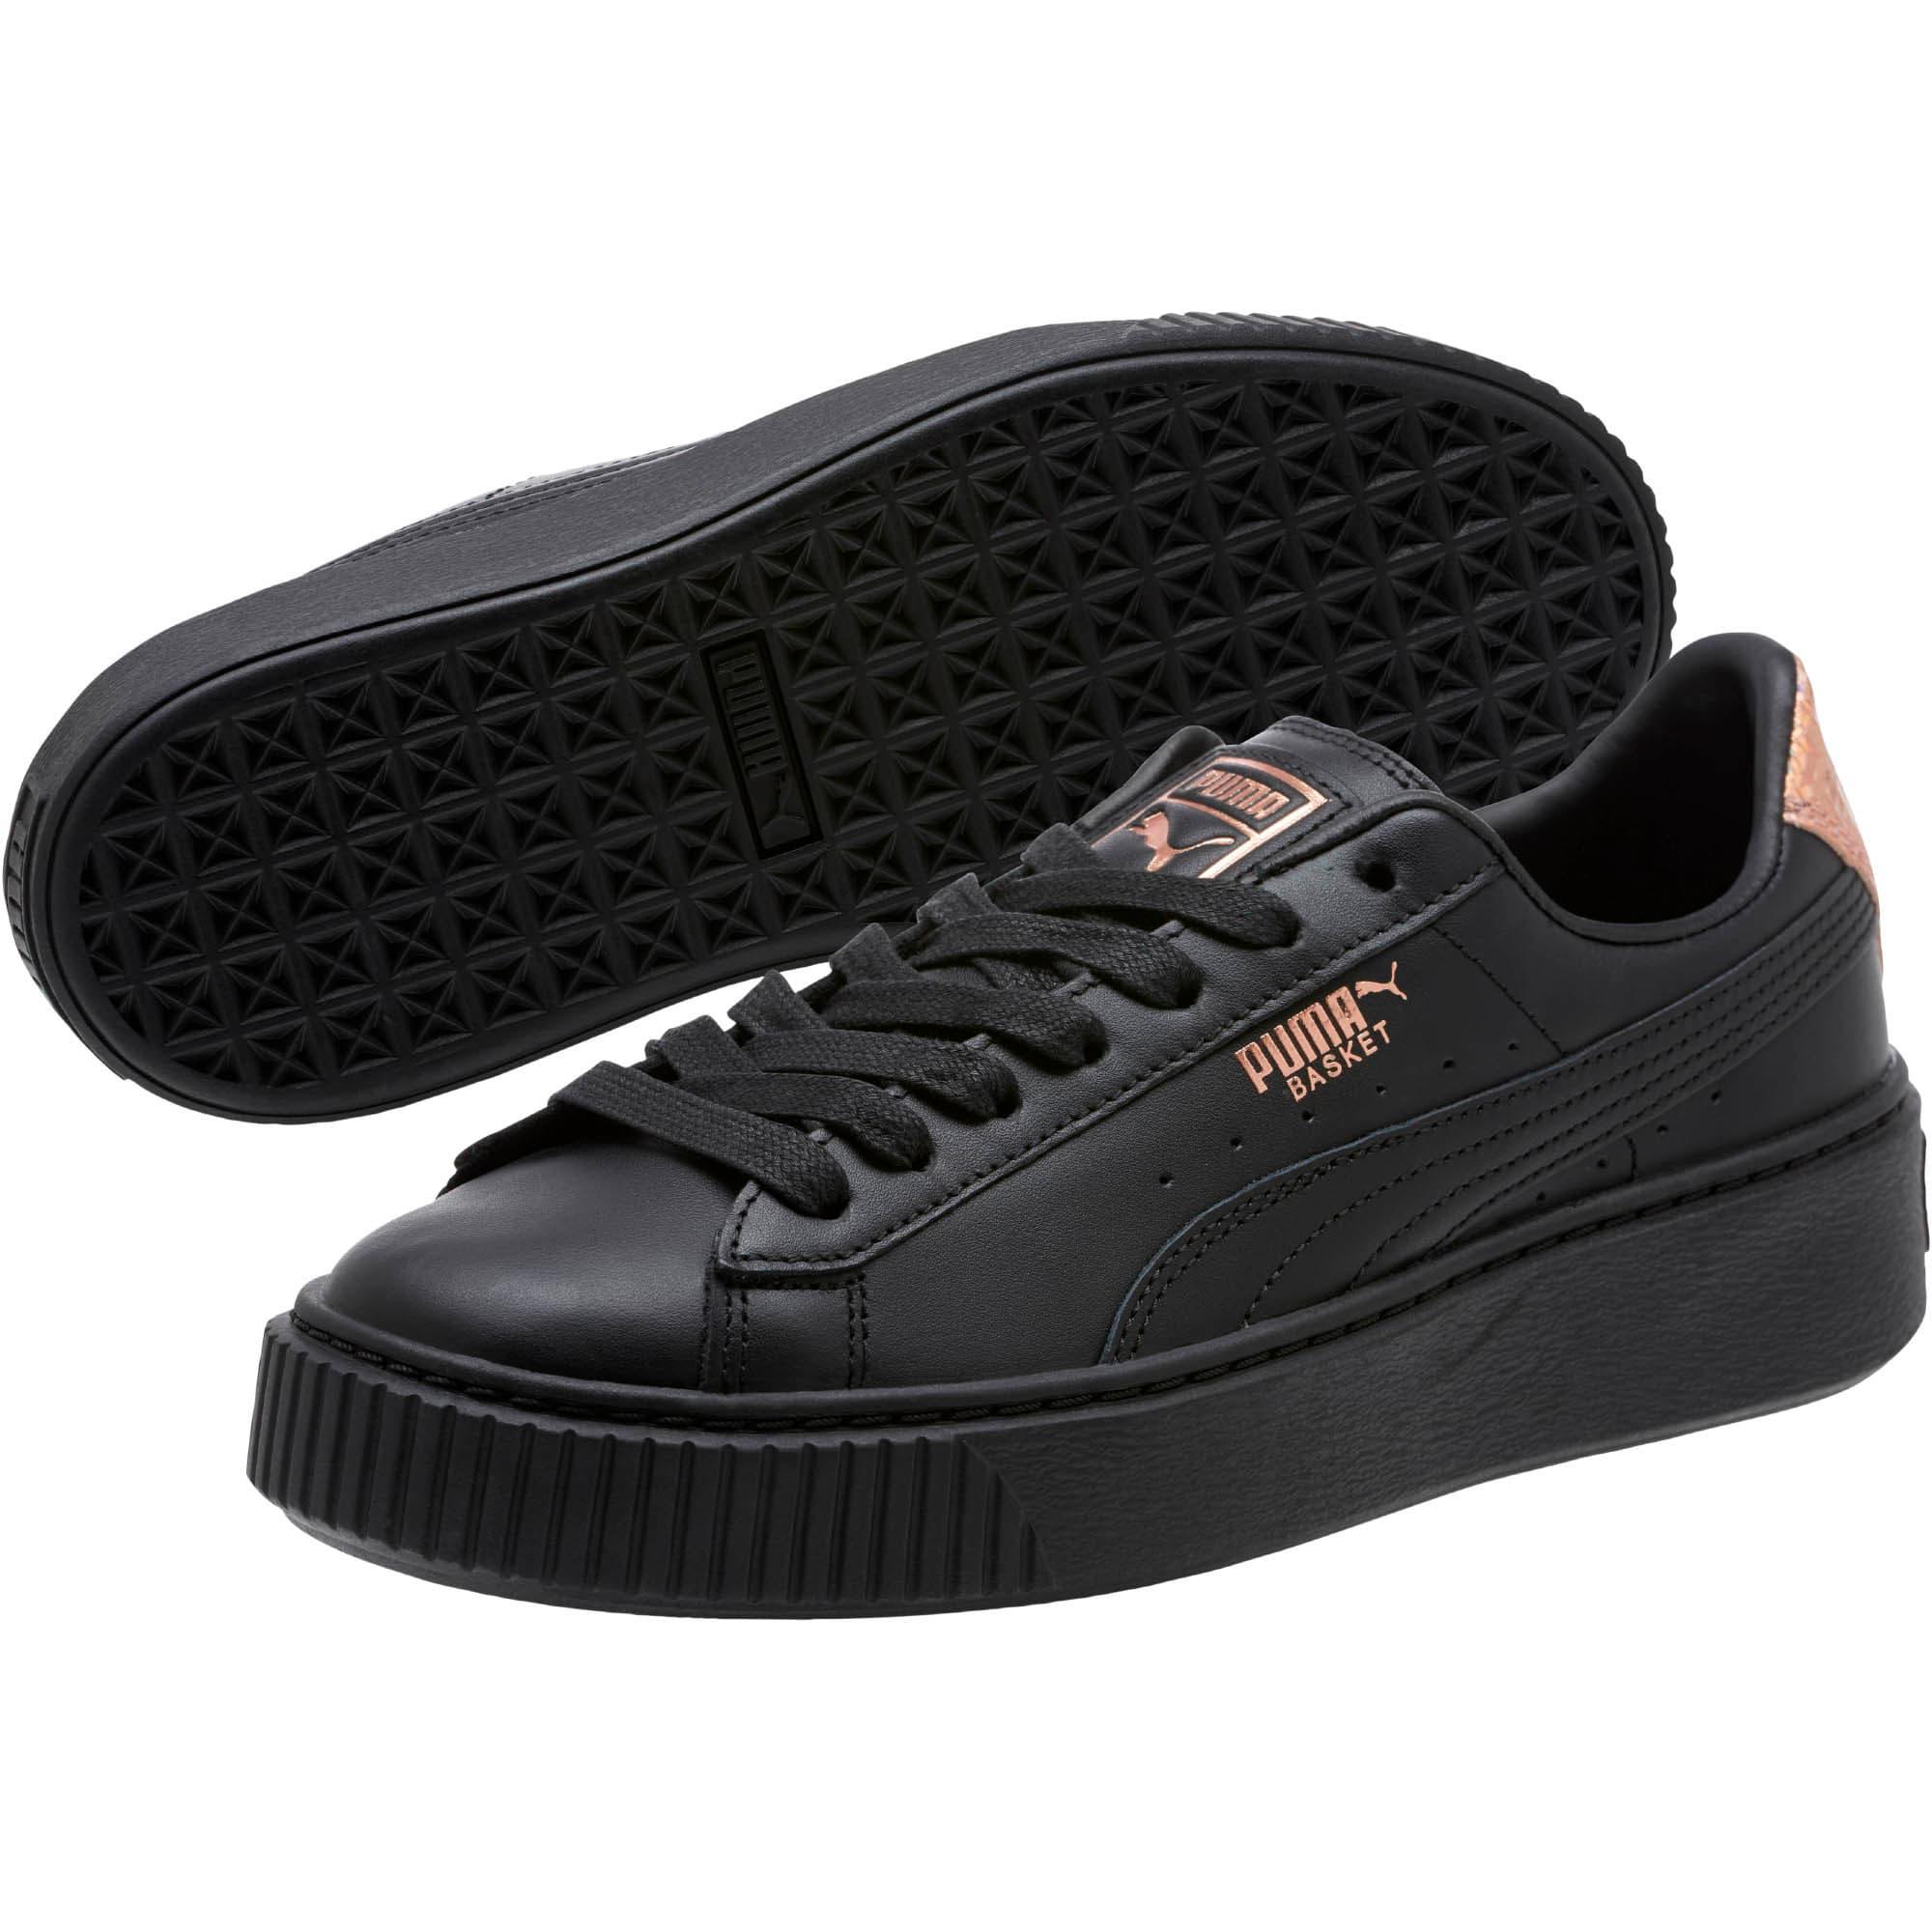 Thumbnail 2 of Basket Platform RG Women's Sneakers, Puma Black-Rose Gold, medium